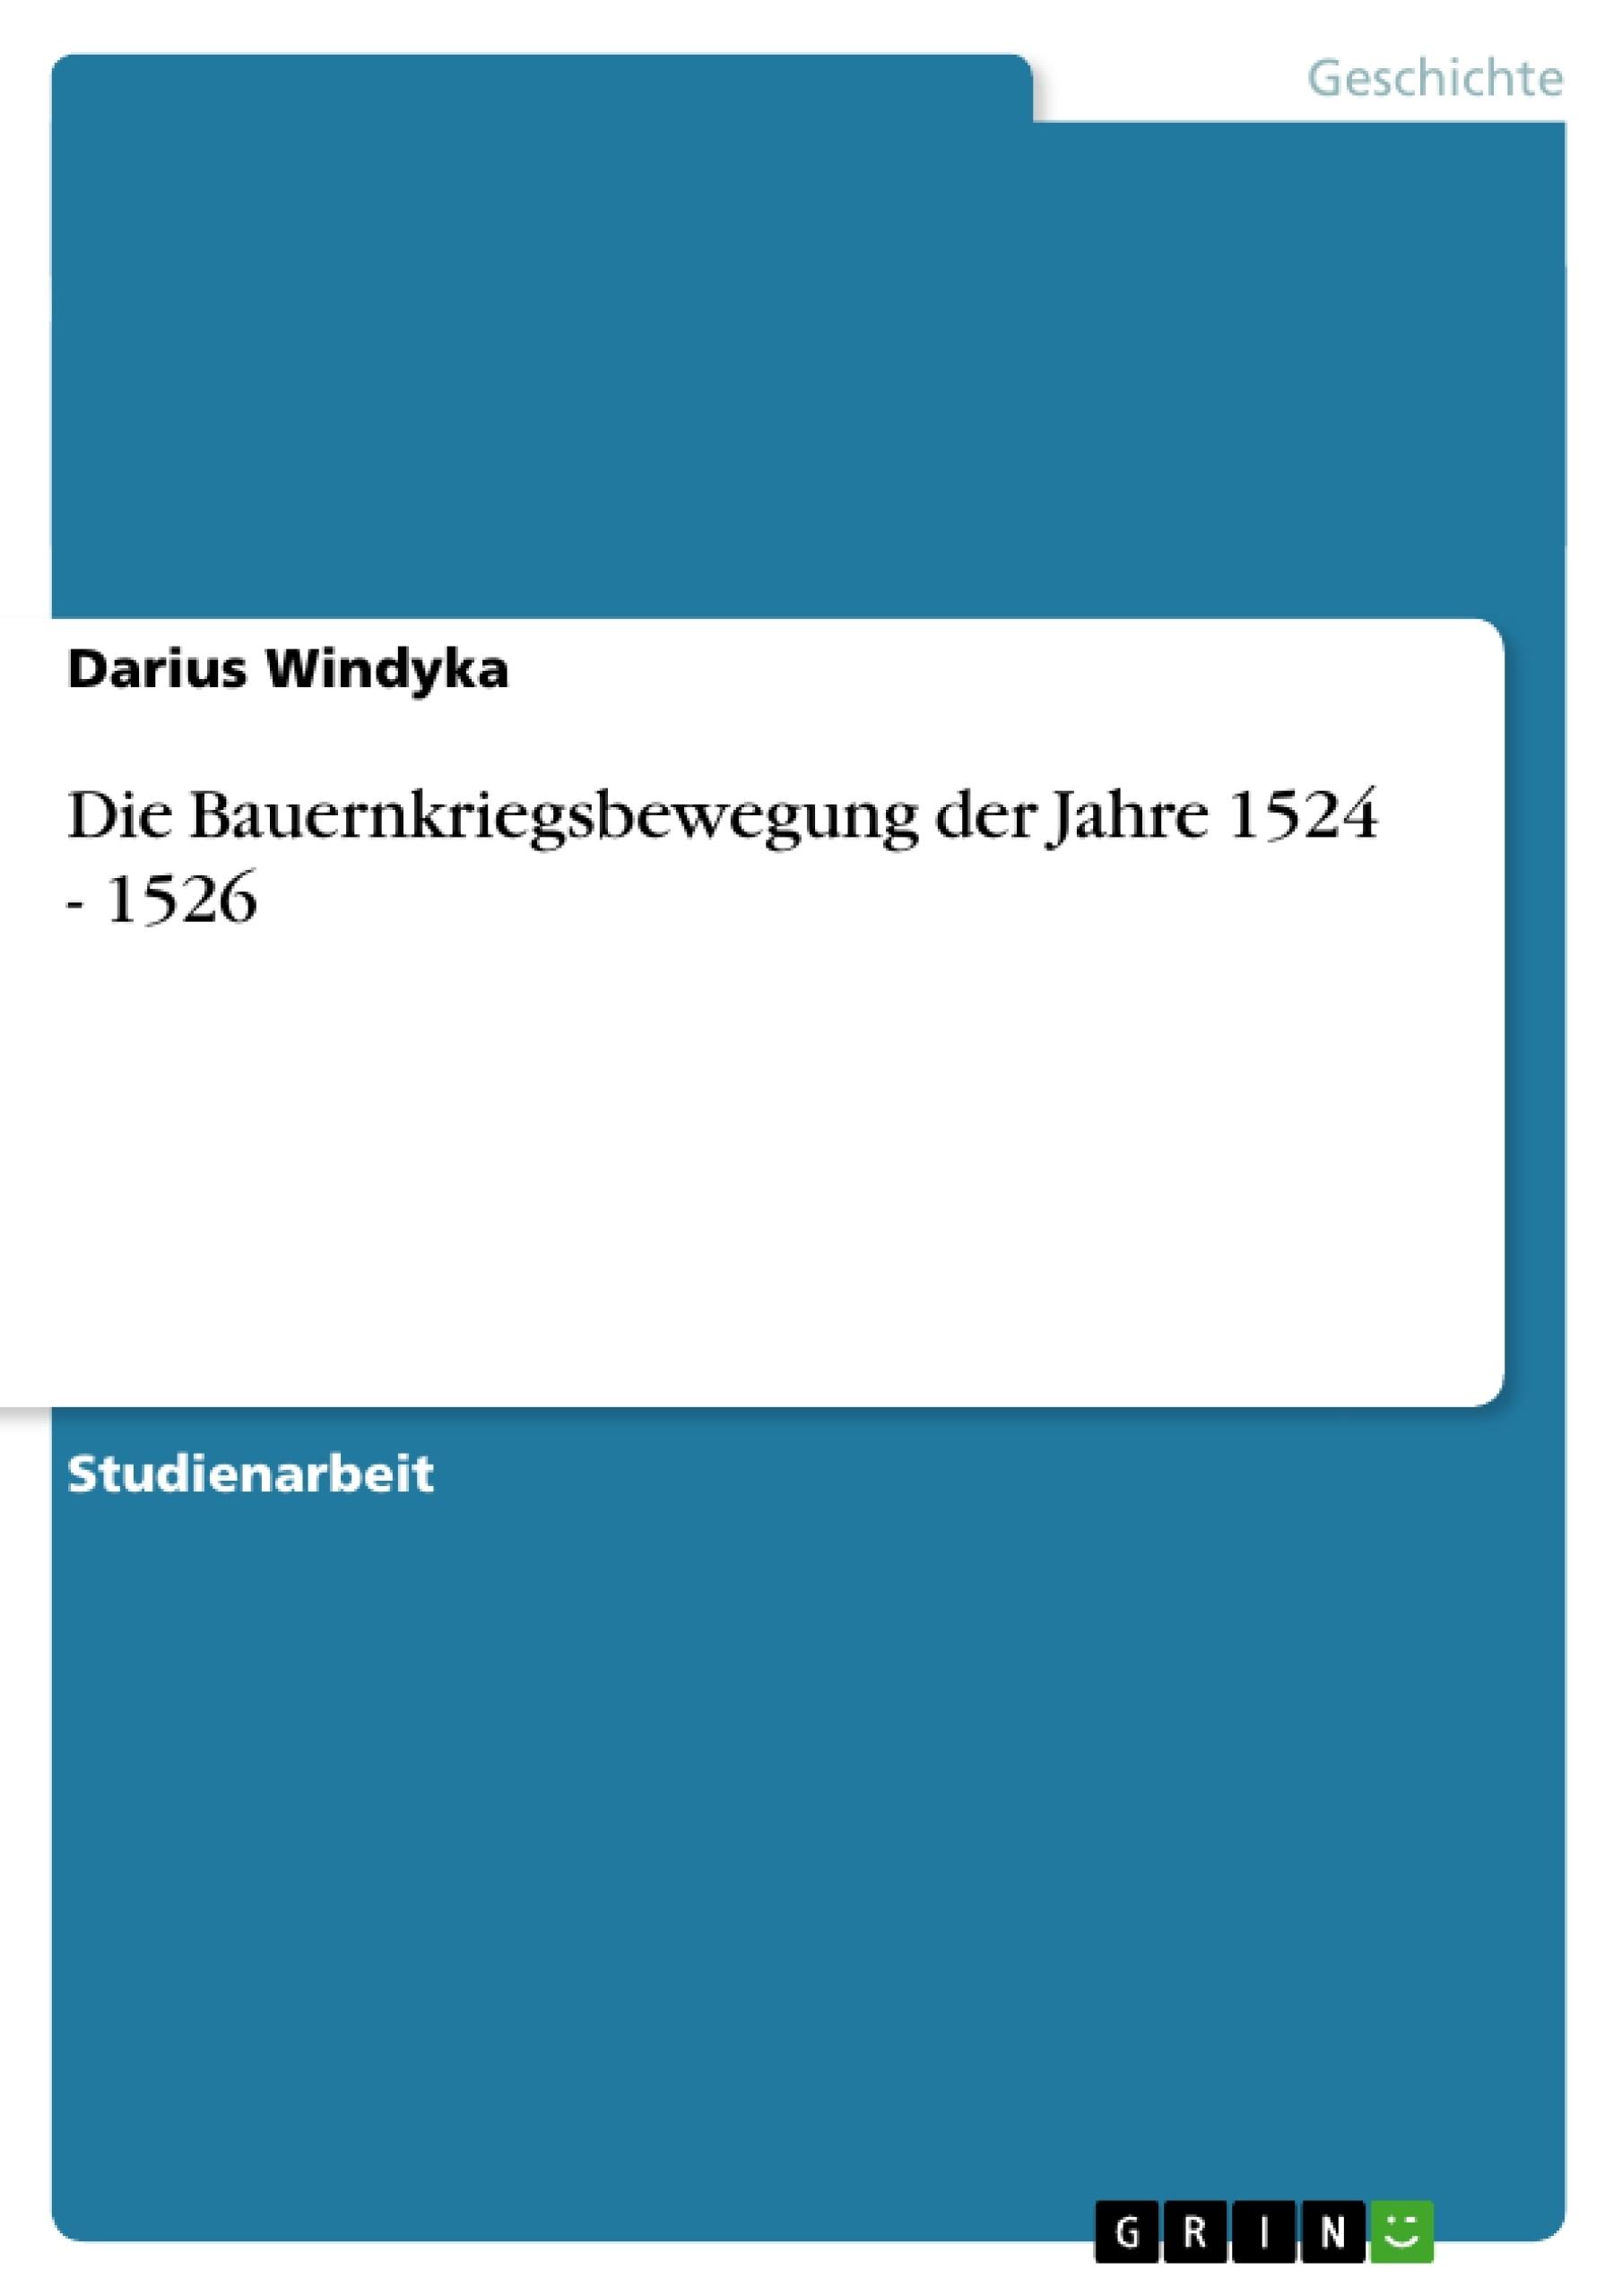 Titel: Die Bauernkriegsbewegung der Jahre 1524 - 1526